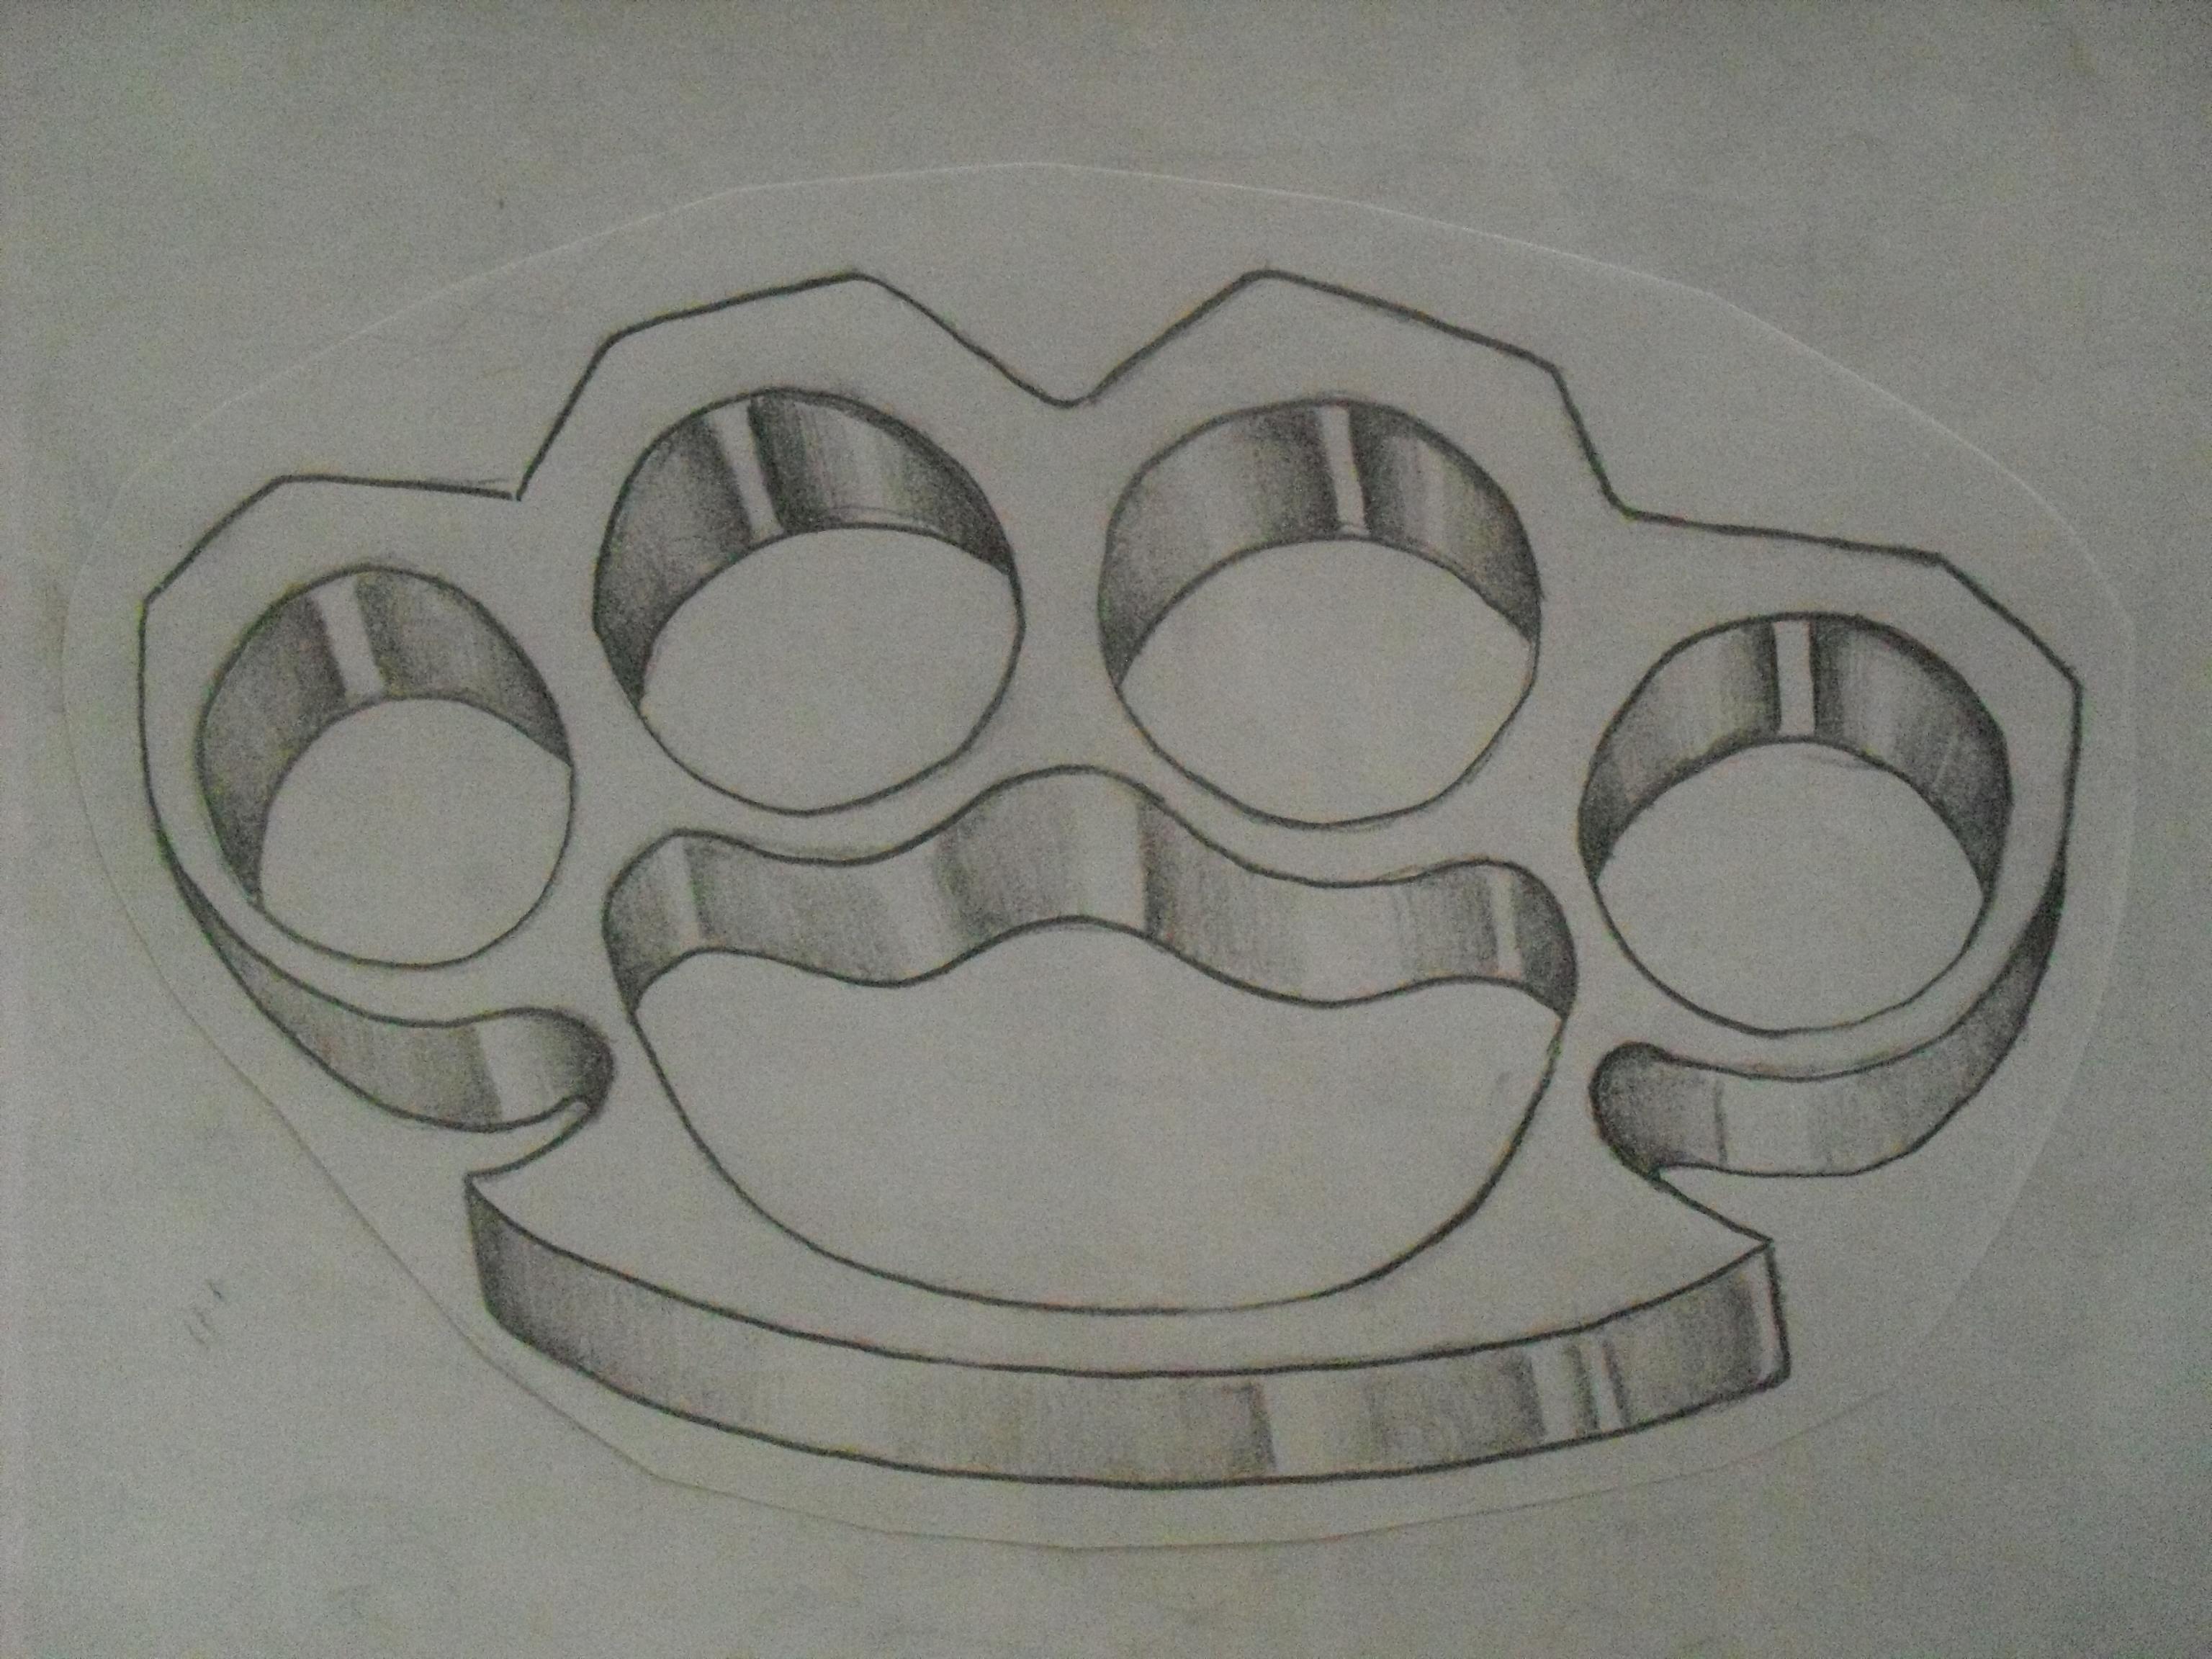 brass knuckles by gladddragon on deviantart. Black Bedroom Furniture Sets. Home Design Ideas